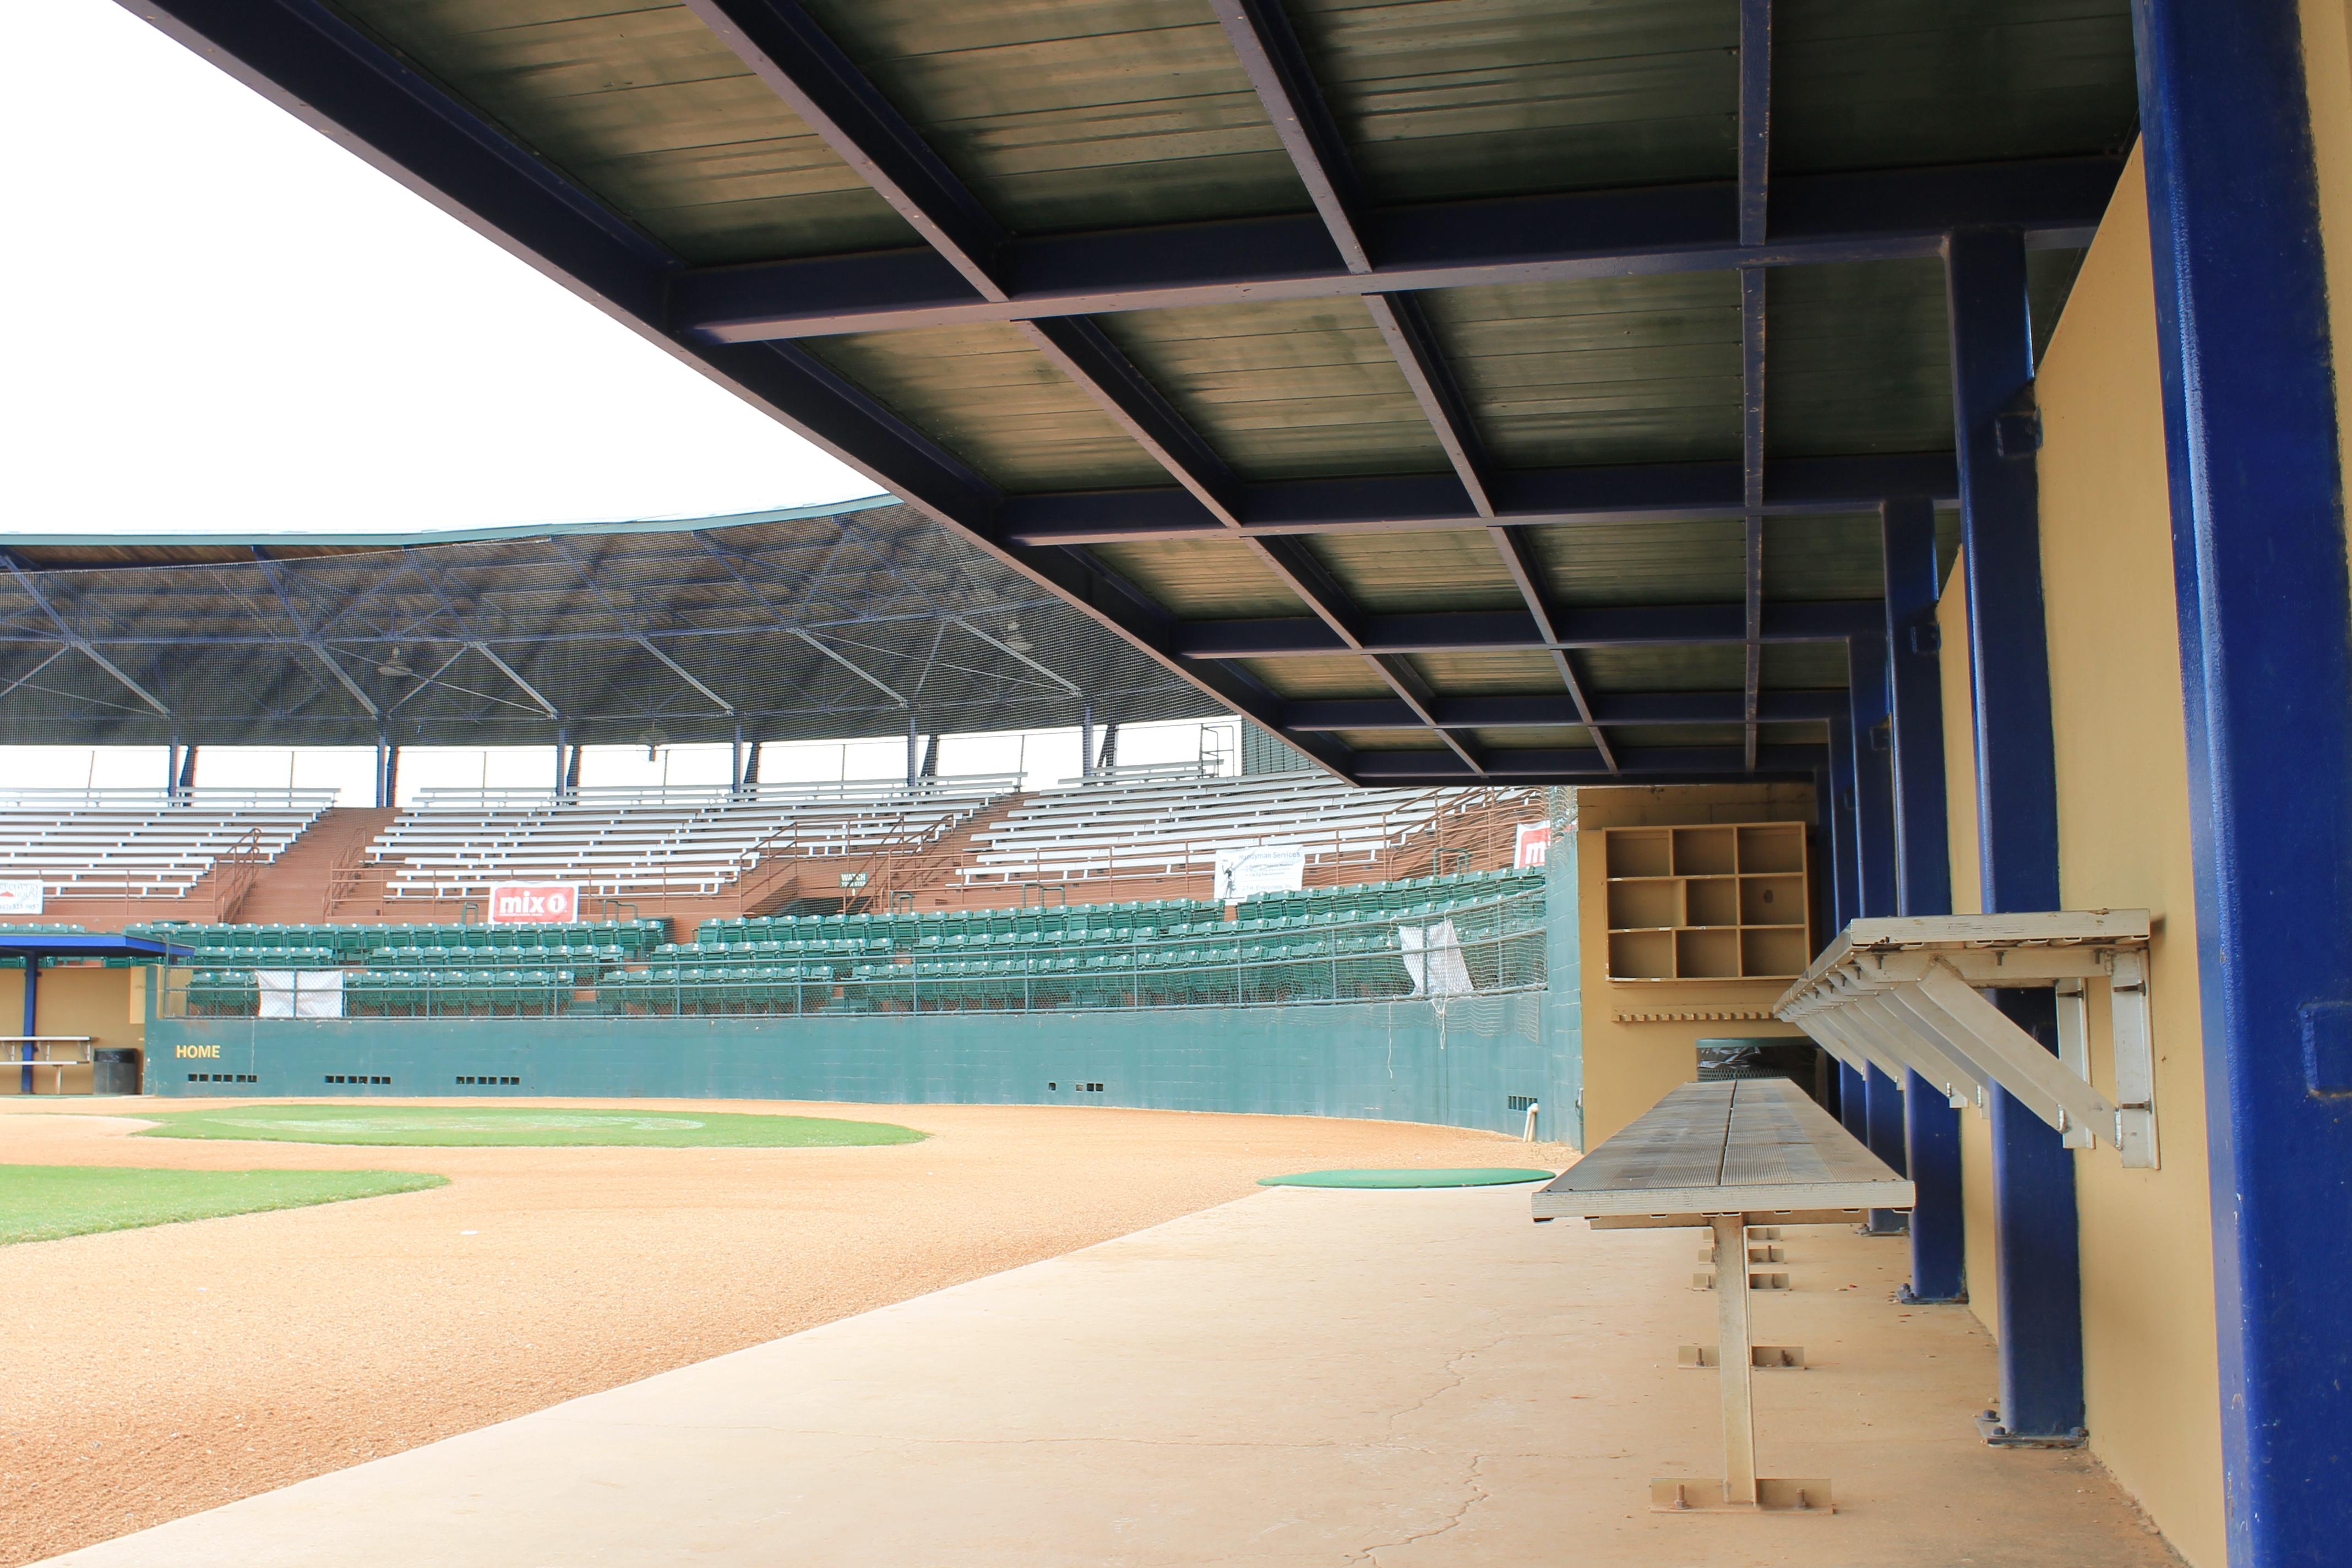 Historic Sanford Memorial Stadium, 2011 · RICHES